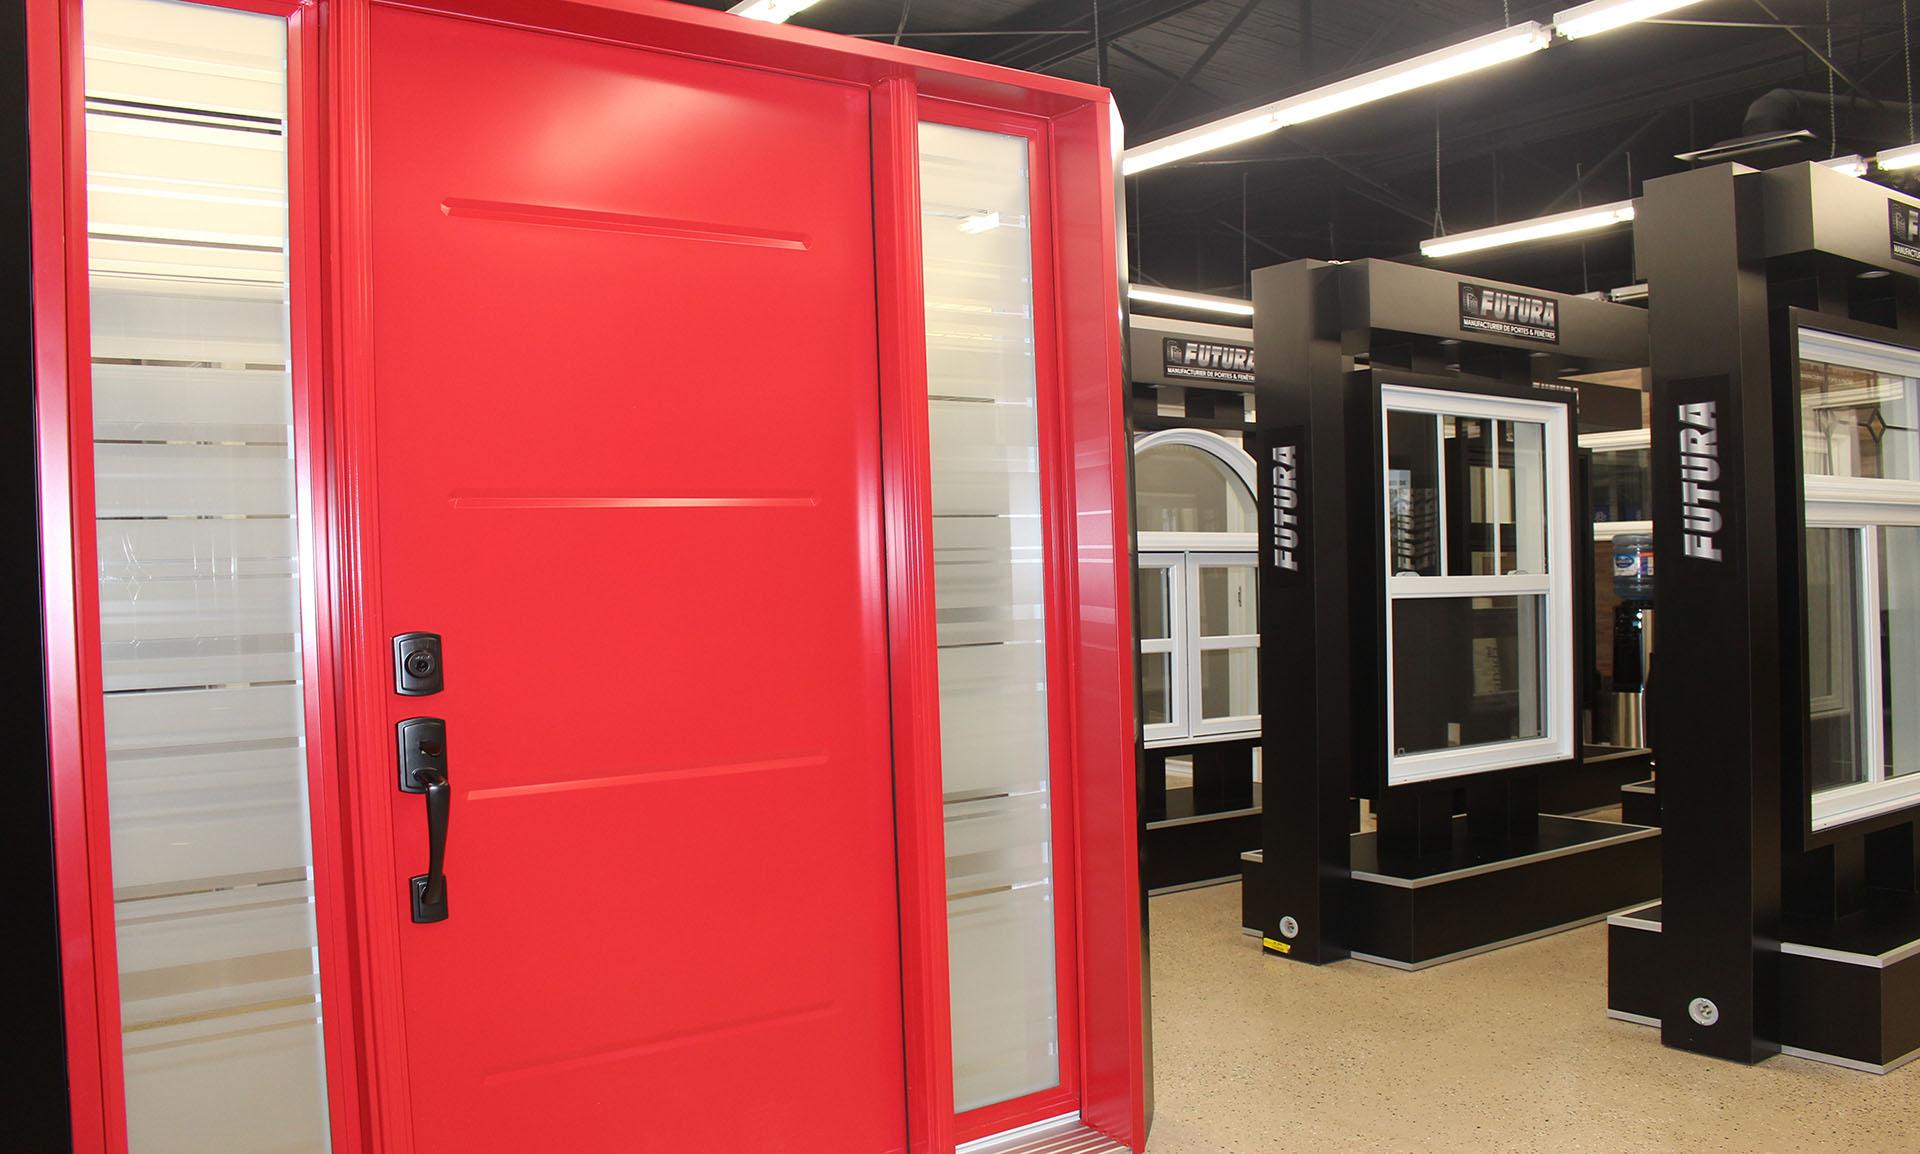 Salle de montre de Futura Portes et Fenêtres à Québec Pierre Bertrand